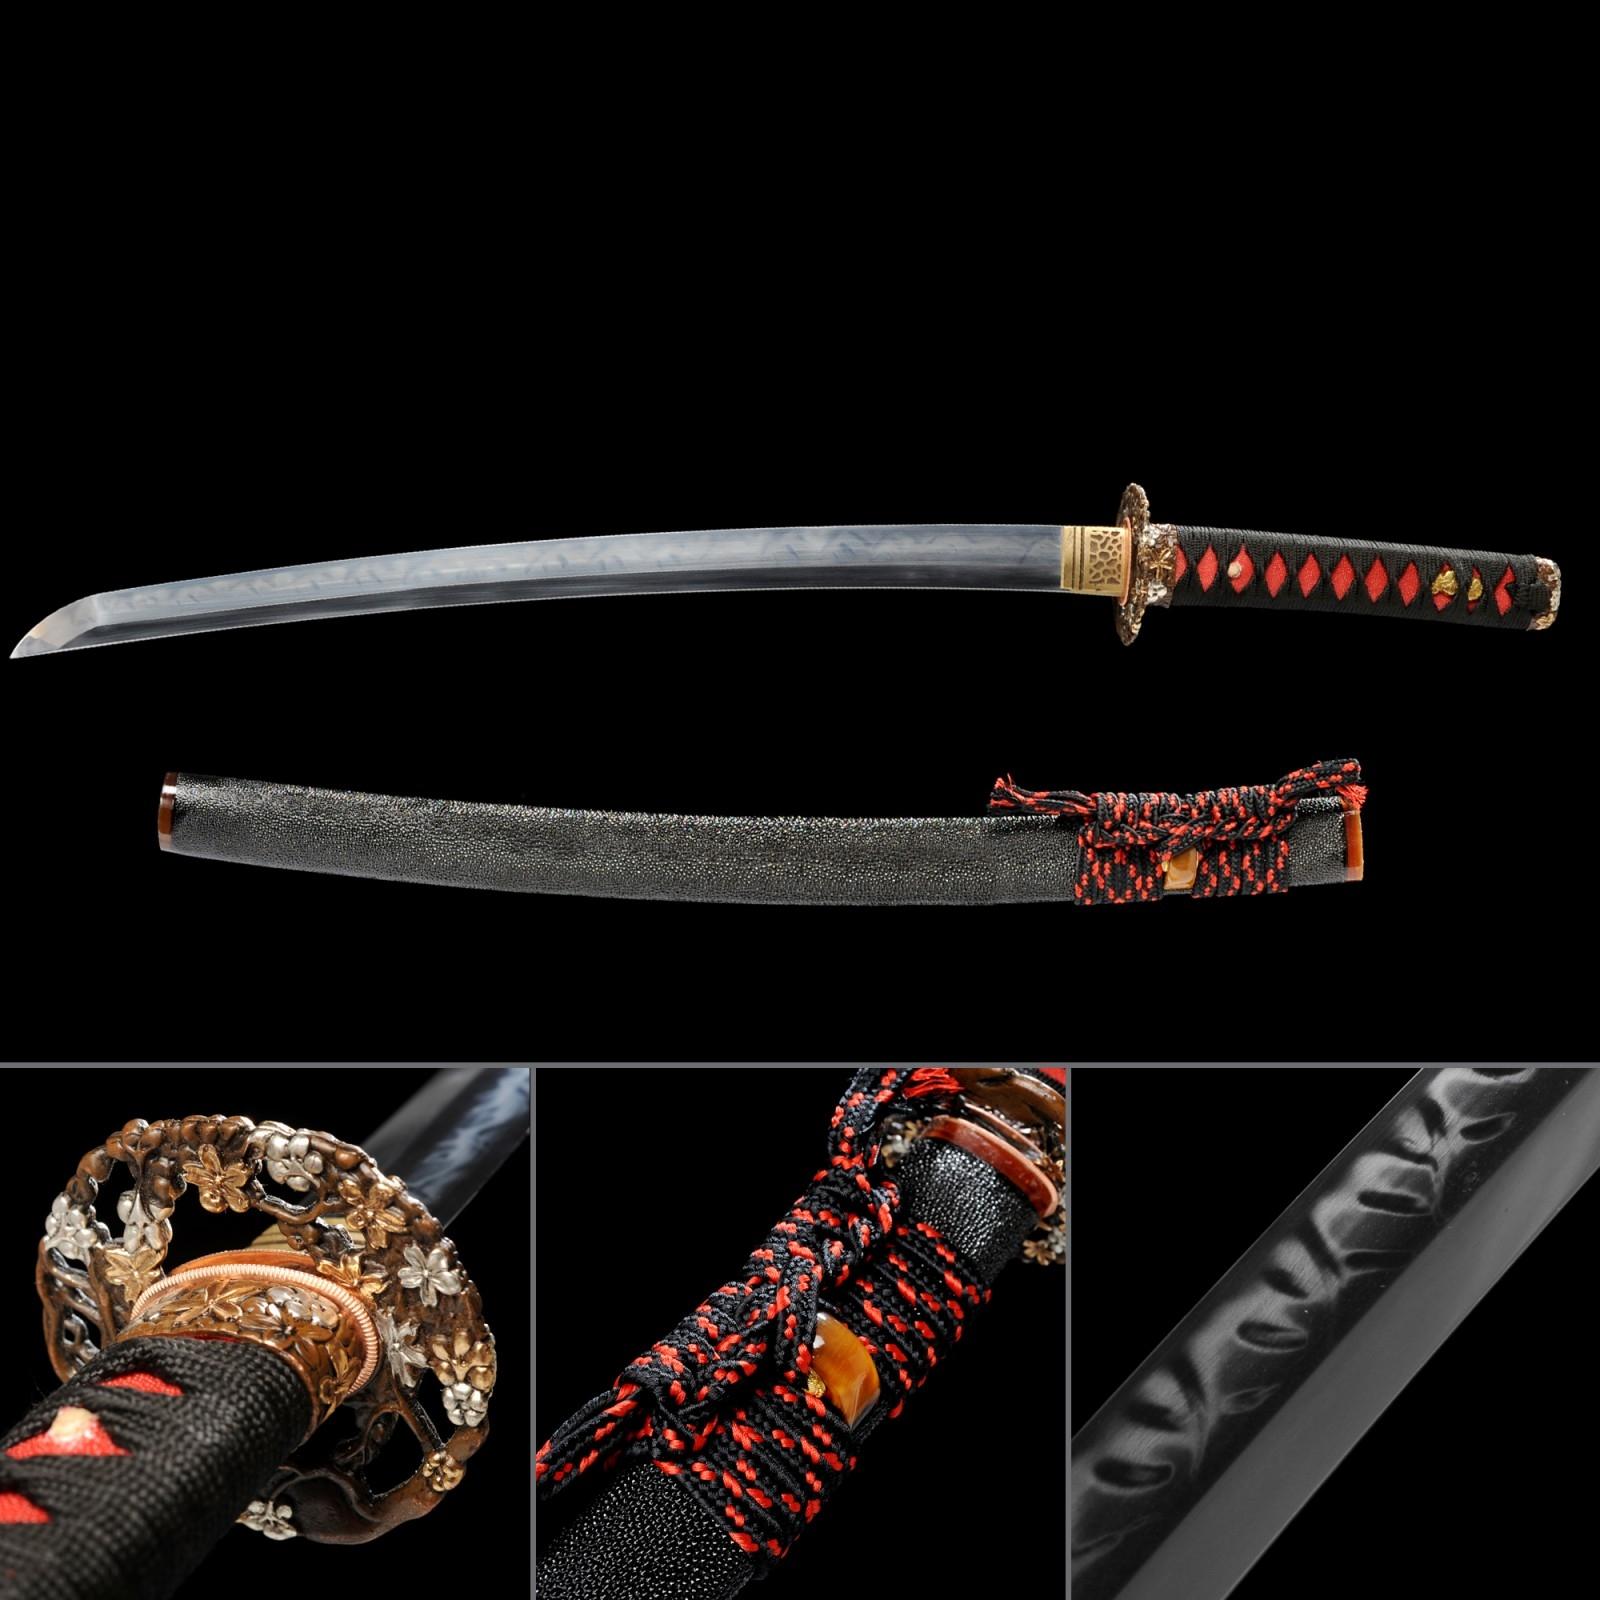 Handmade Gold Silver Flower Tsuba Rayskin Saya Real Hamon Wakizashi Swords